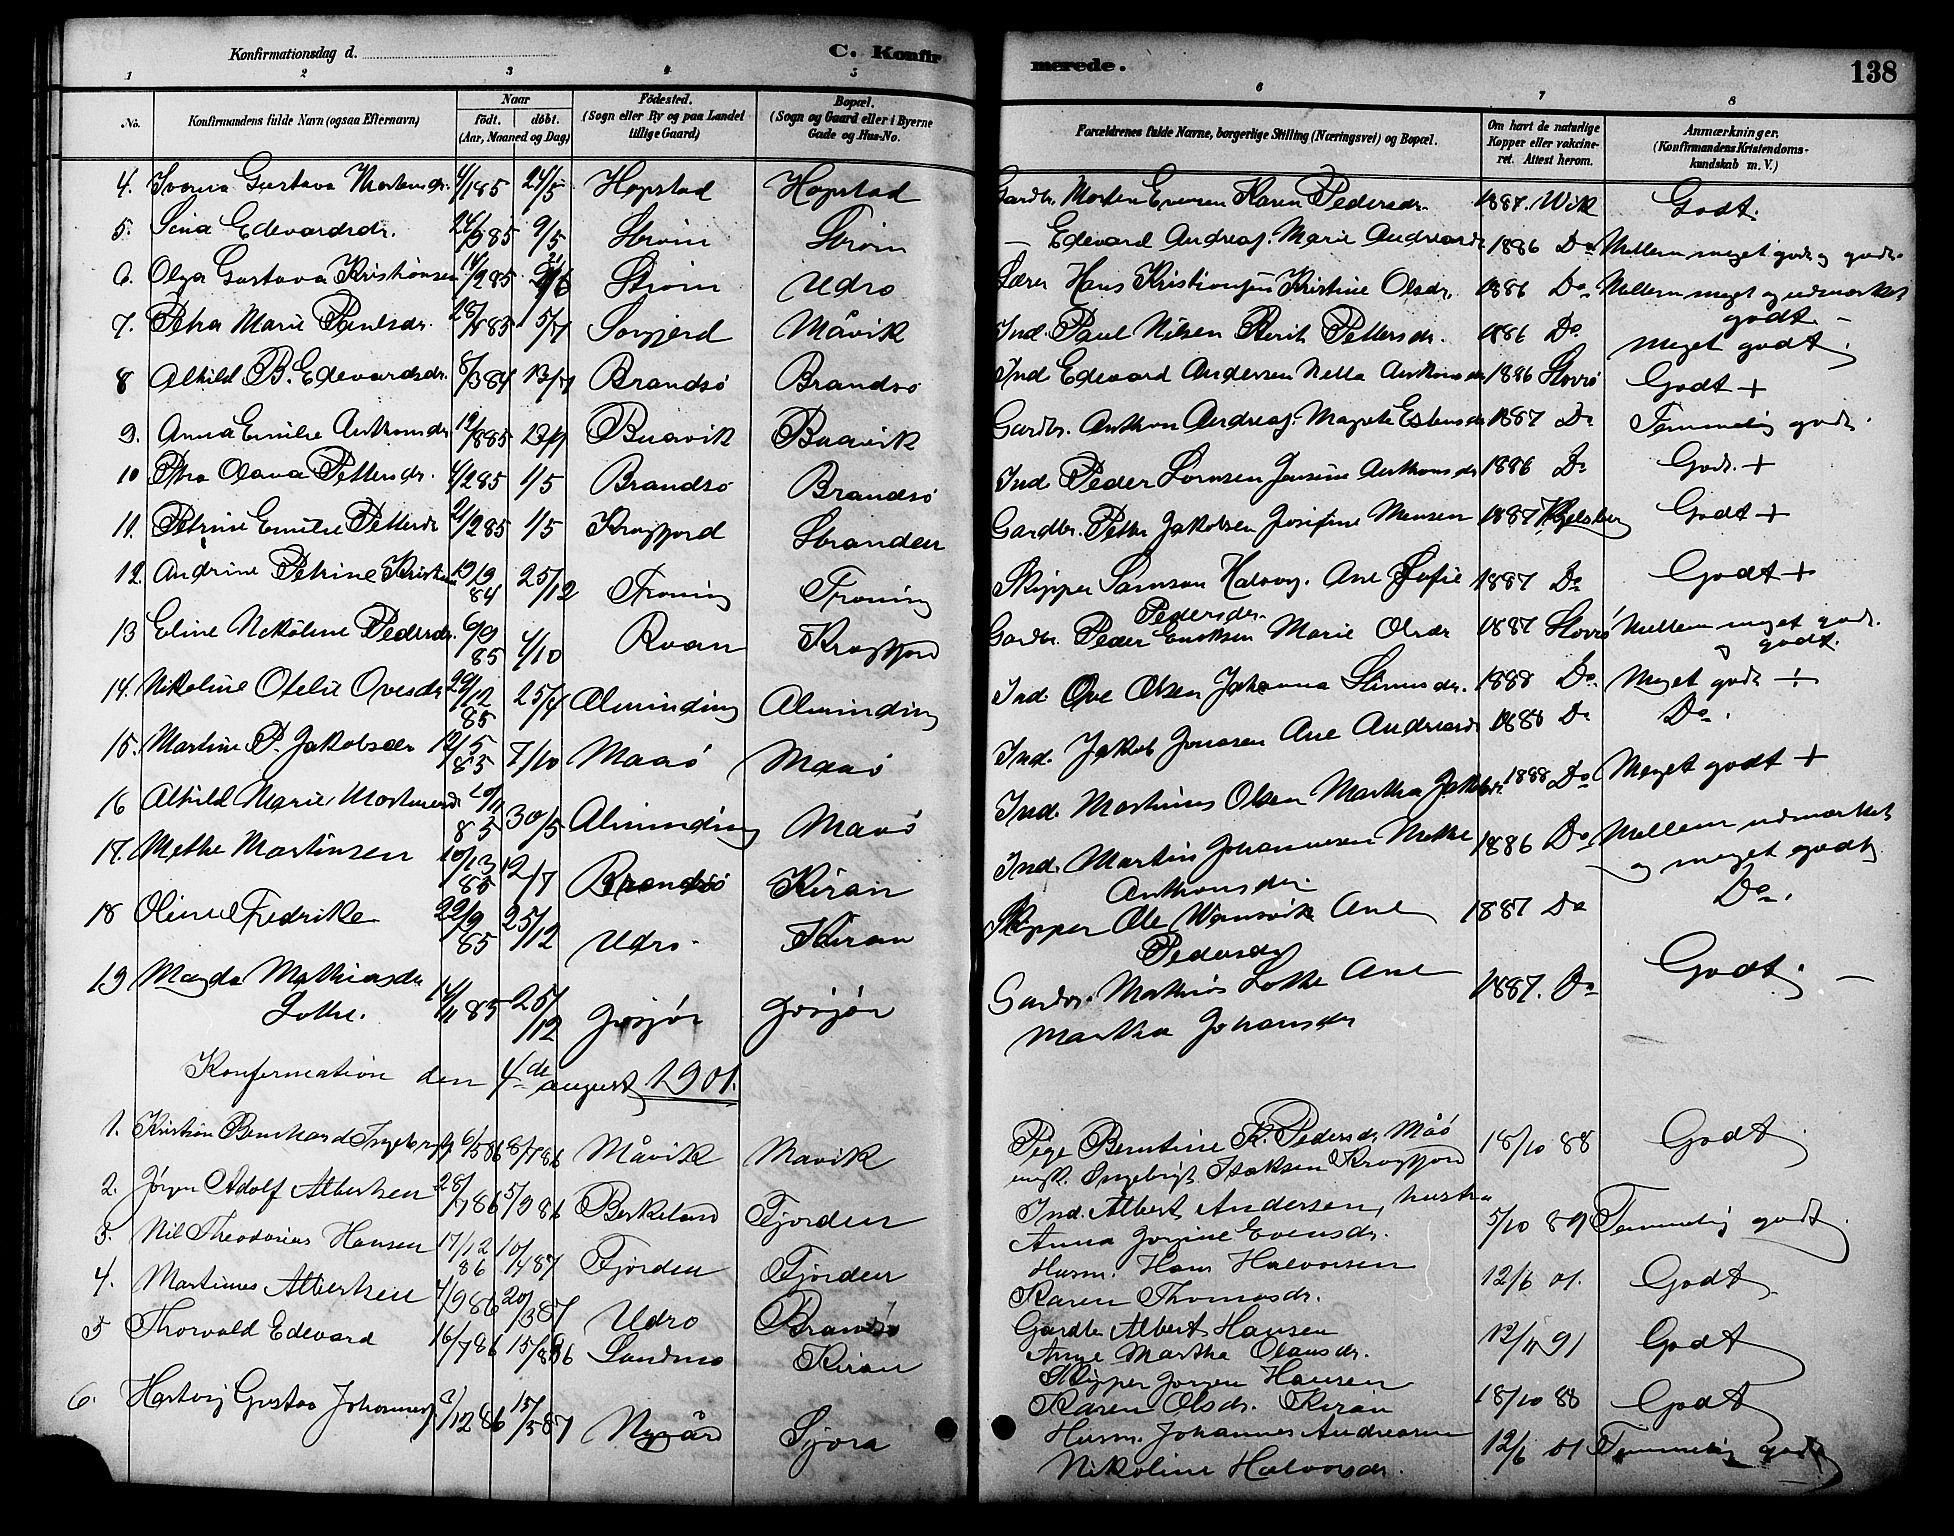 SAT, Ministerialprotokoller, klokkerbøker og fødselsregistre - Sør-Trøndelag, 657/L0716: Klokkerbok nr. 657C03, 1889-1904, s. 138